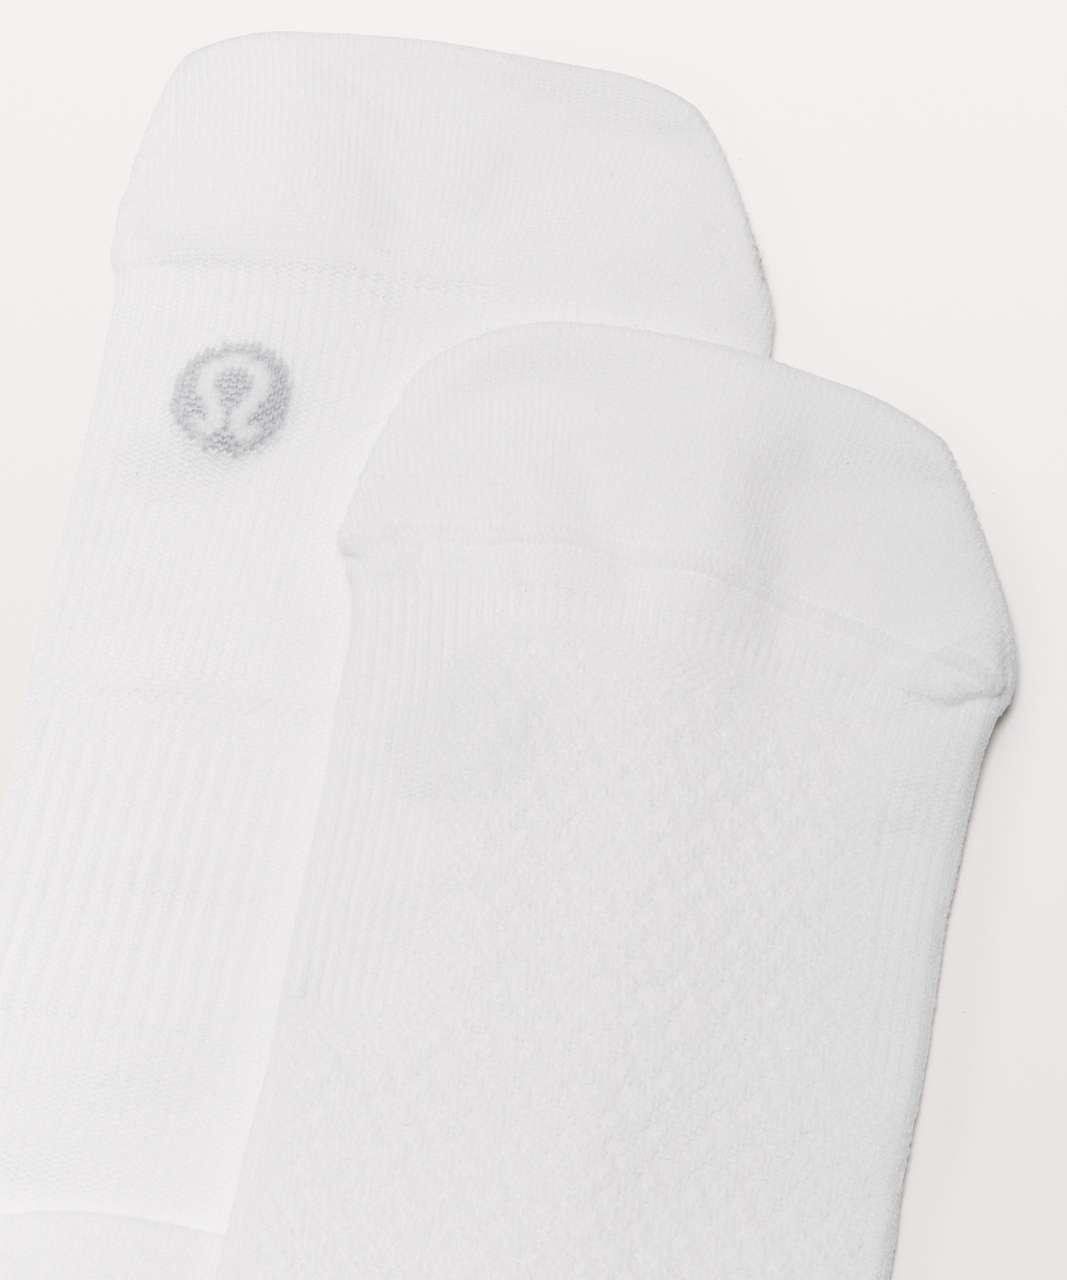 Lululemon Light Speed Sock - White (Third Release)